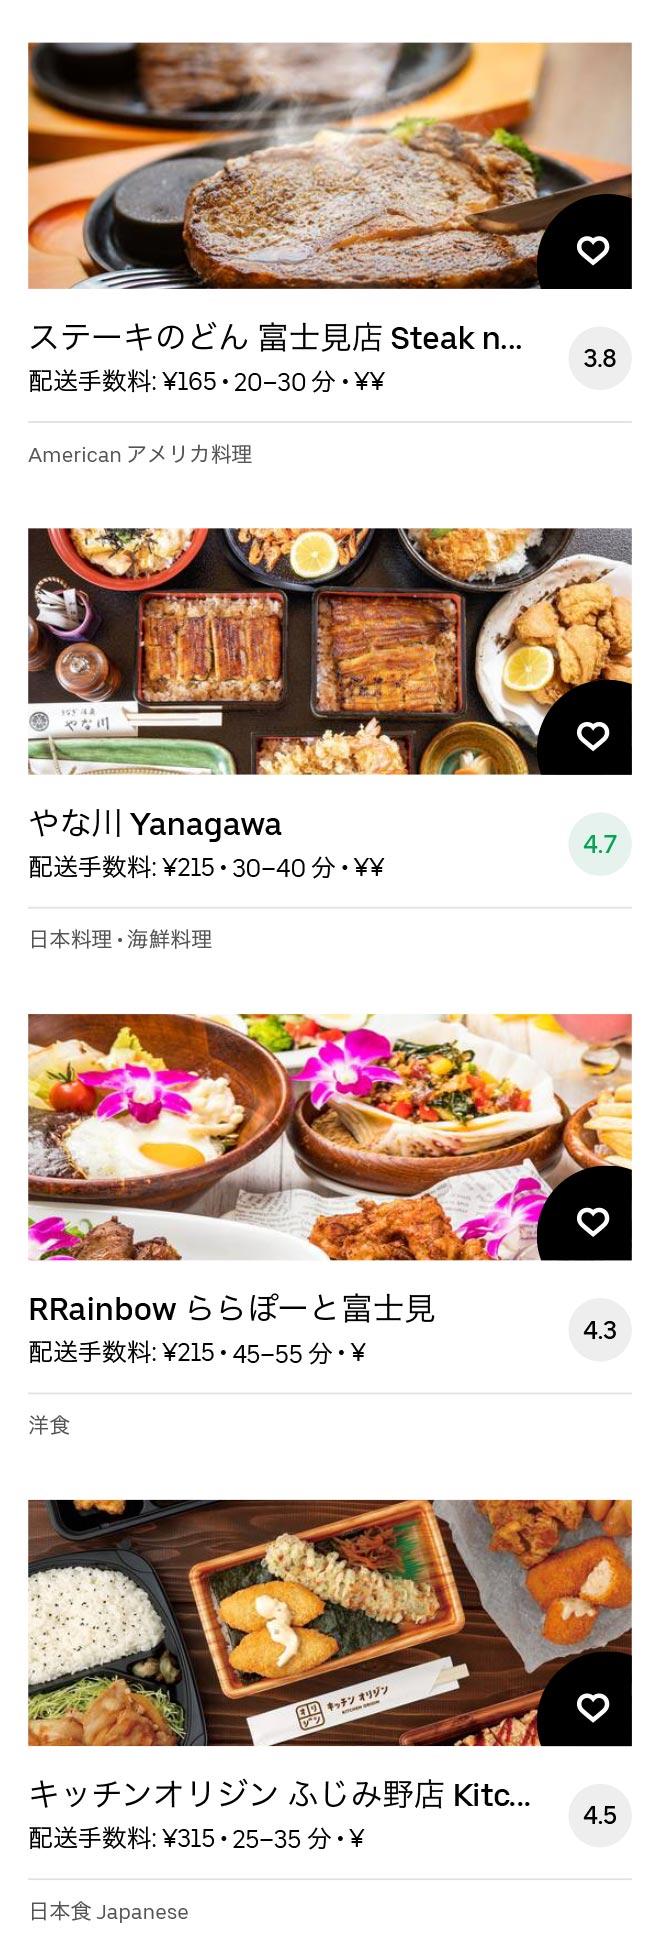 Tsuruse menu 2011 07